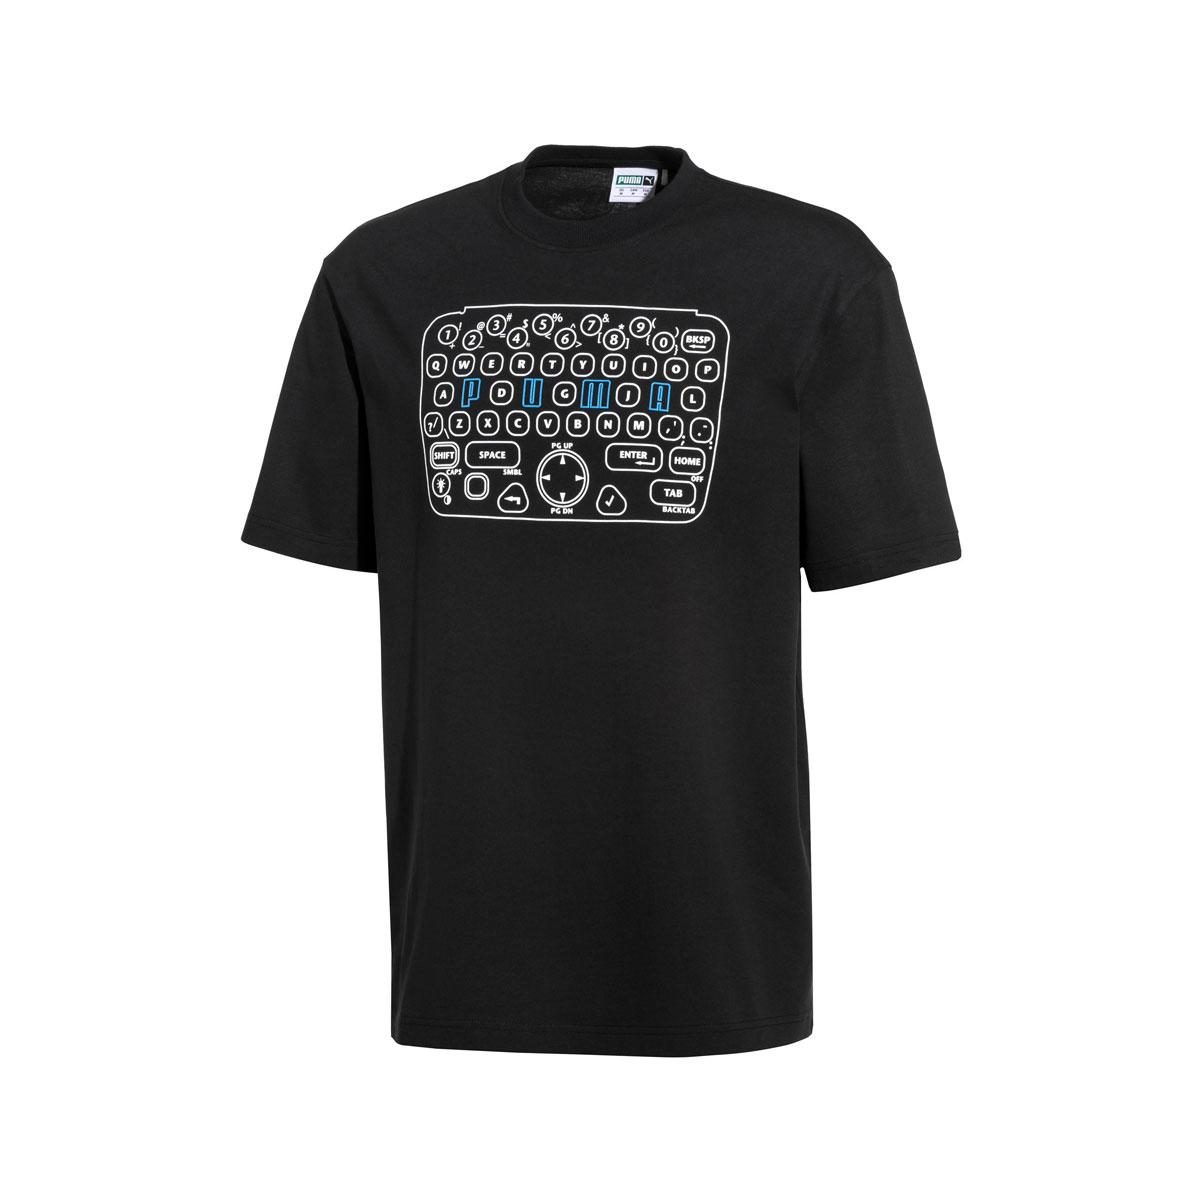 トップス, Tシャツ・カットソー PUMA MOTOROLA TEE(PUMA BLACK)( )T19SP-I